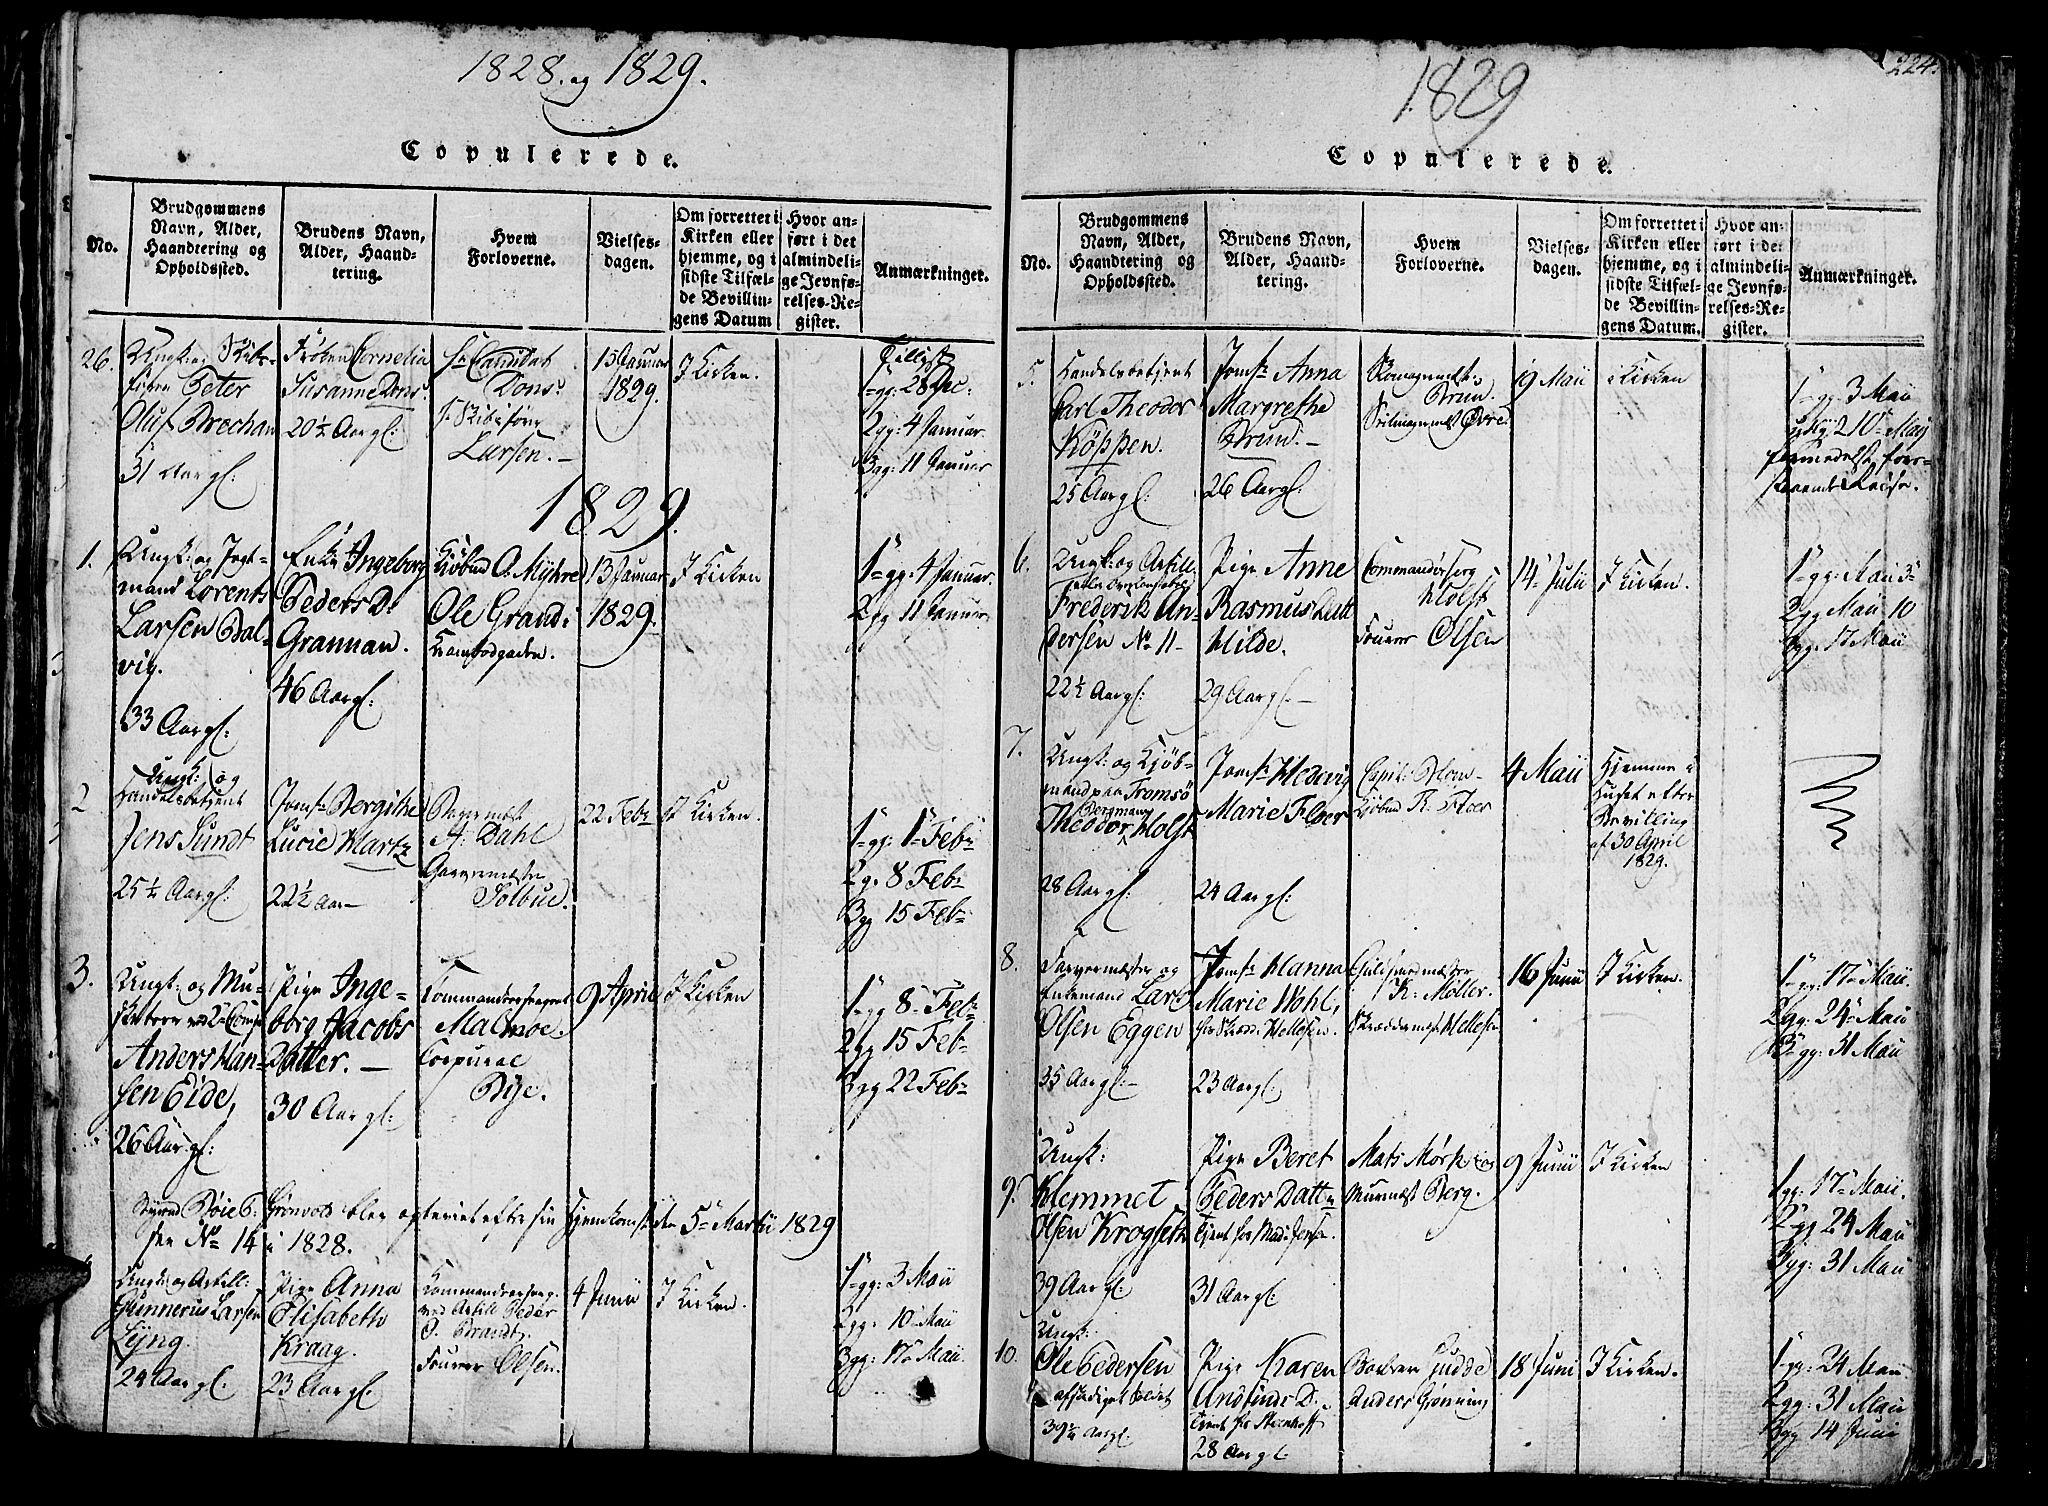 SAT, Ministerialprotokoller, klokkerbøker og fødselsregistre - Sør-Trøndelag, 602/L0135: Klokkerbok nr. 602C03, 1815-1832, s. 224